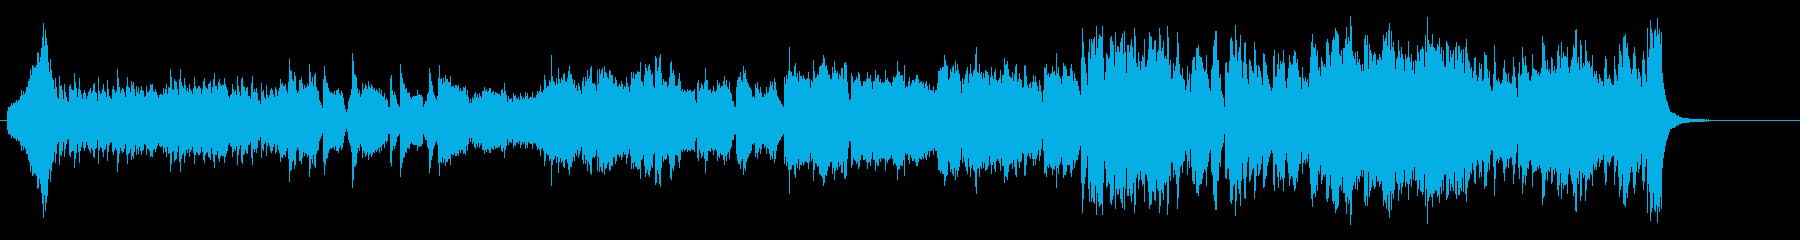 オーケストラ風 感動的 ドラマティックの再生済みの波形